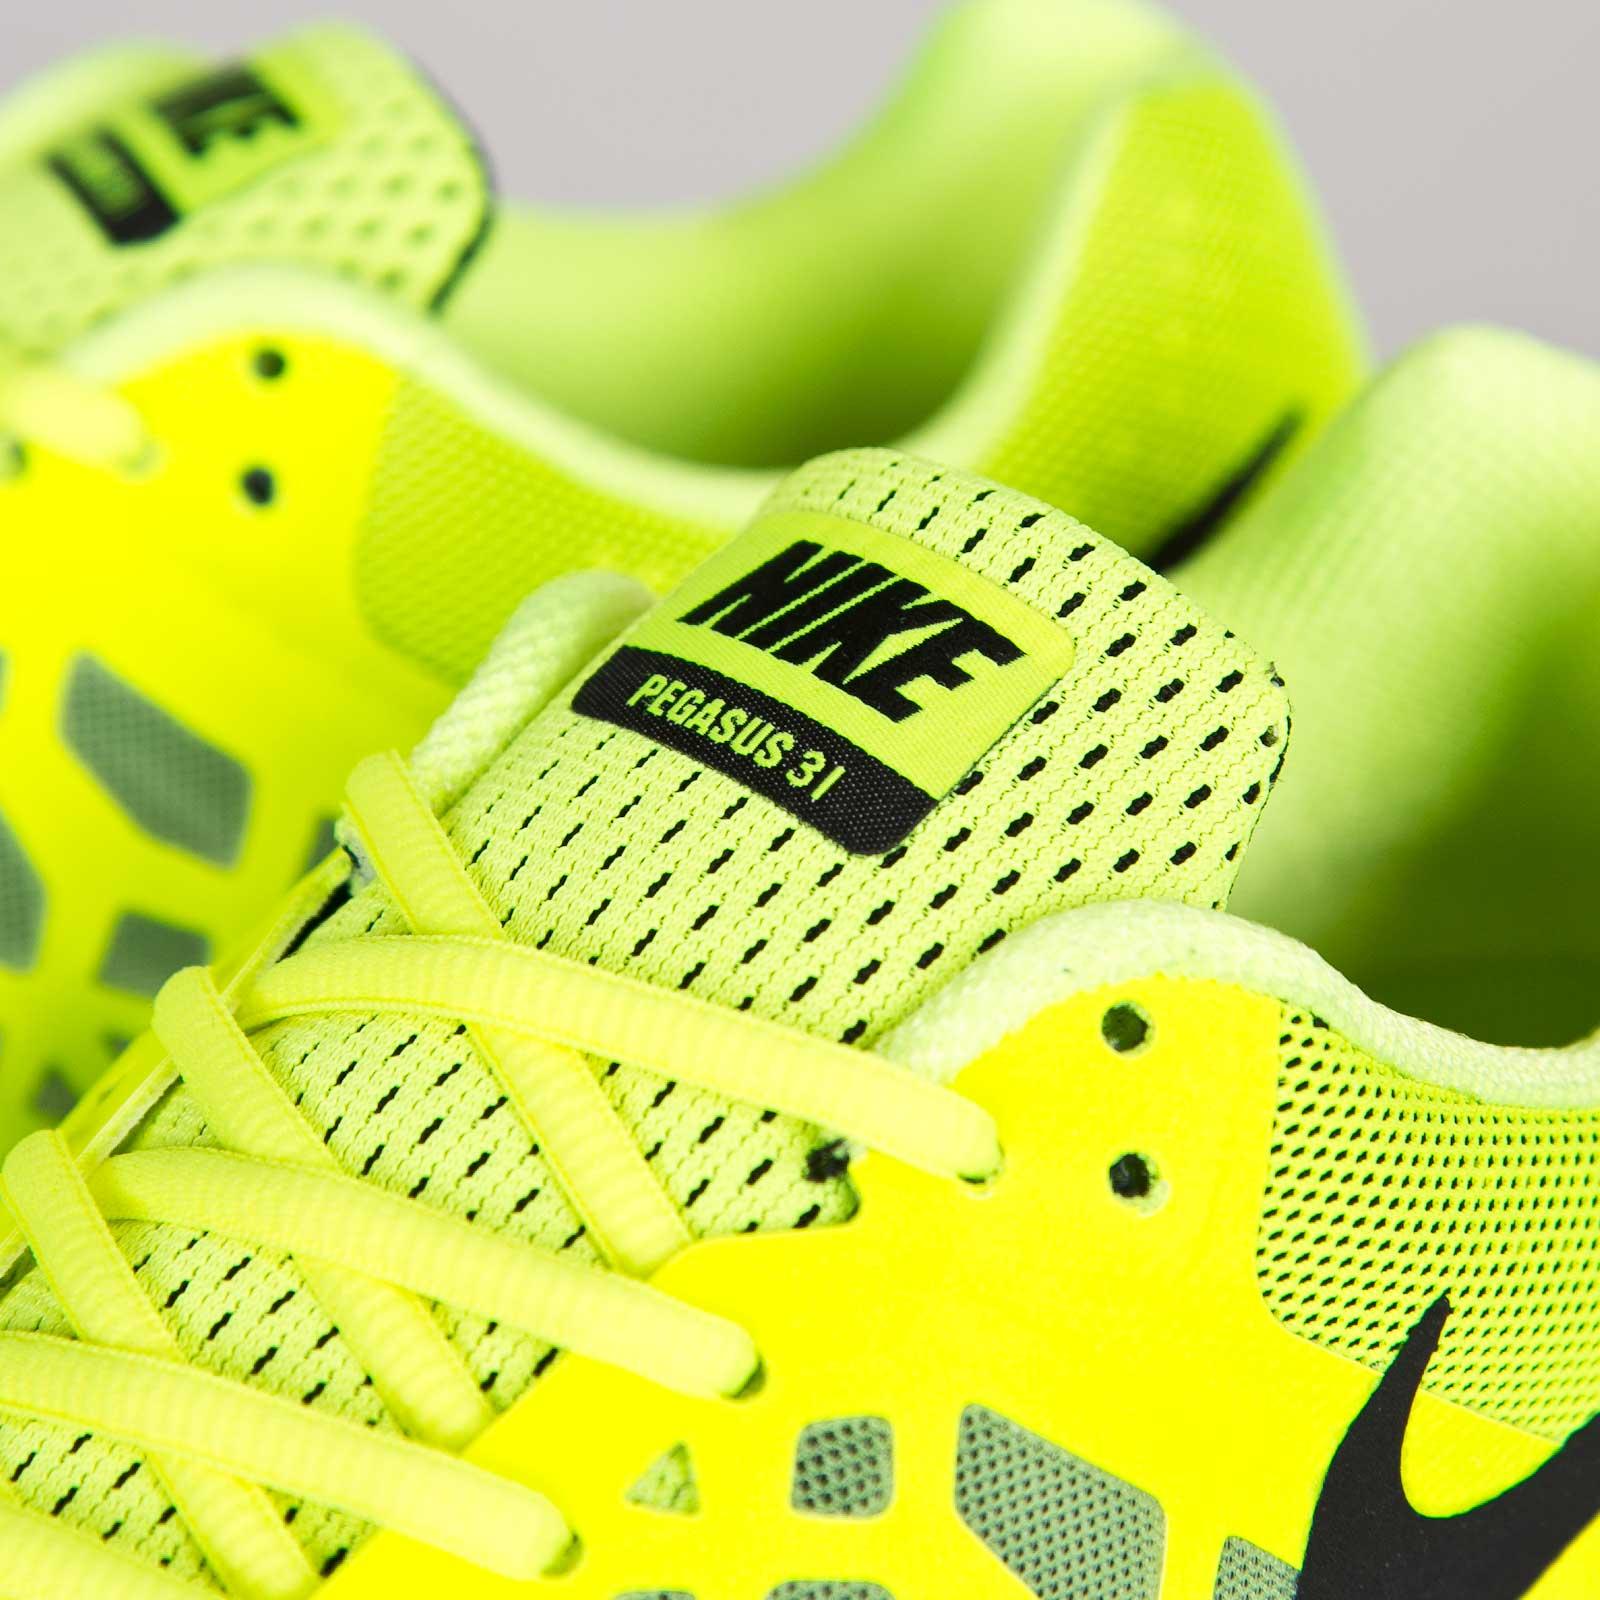 first rate 8bf57 93727 Nike Zoom Pegasus 31 - 652925-700 - Sneakersnstuff   sneakers   streetwear  online since 1999